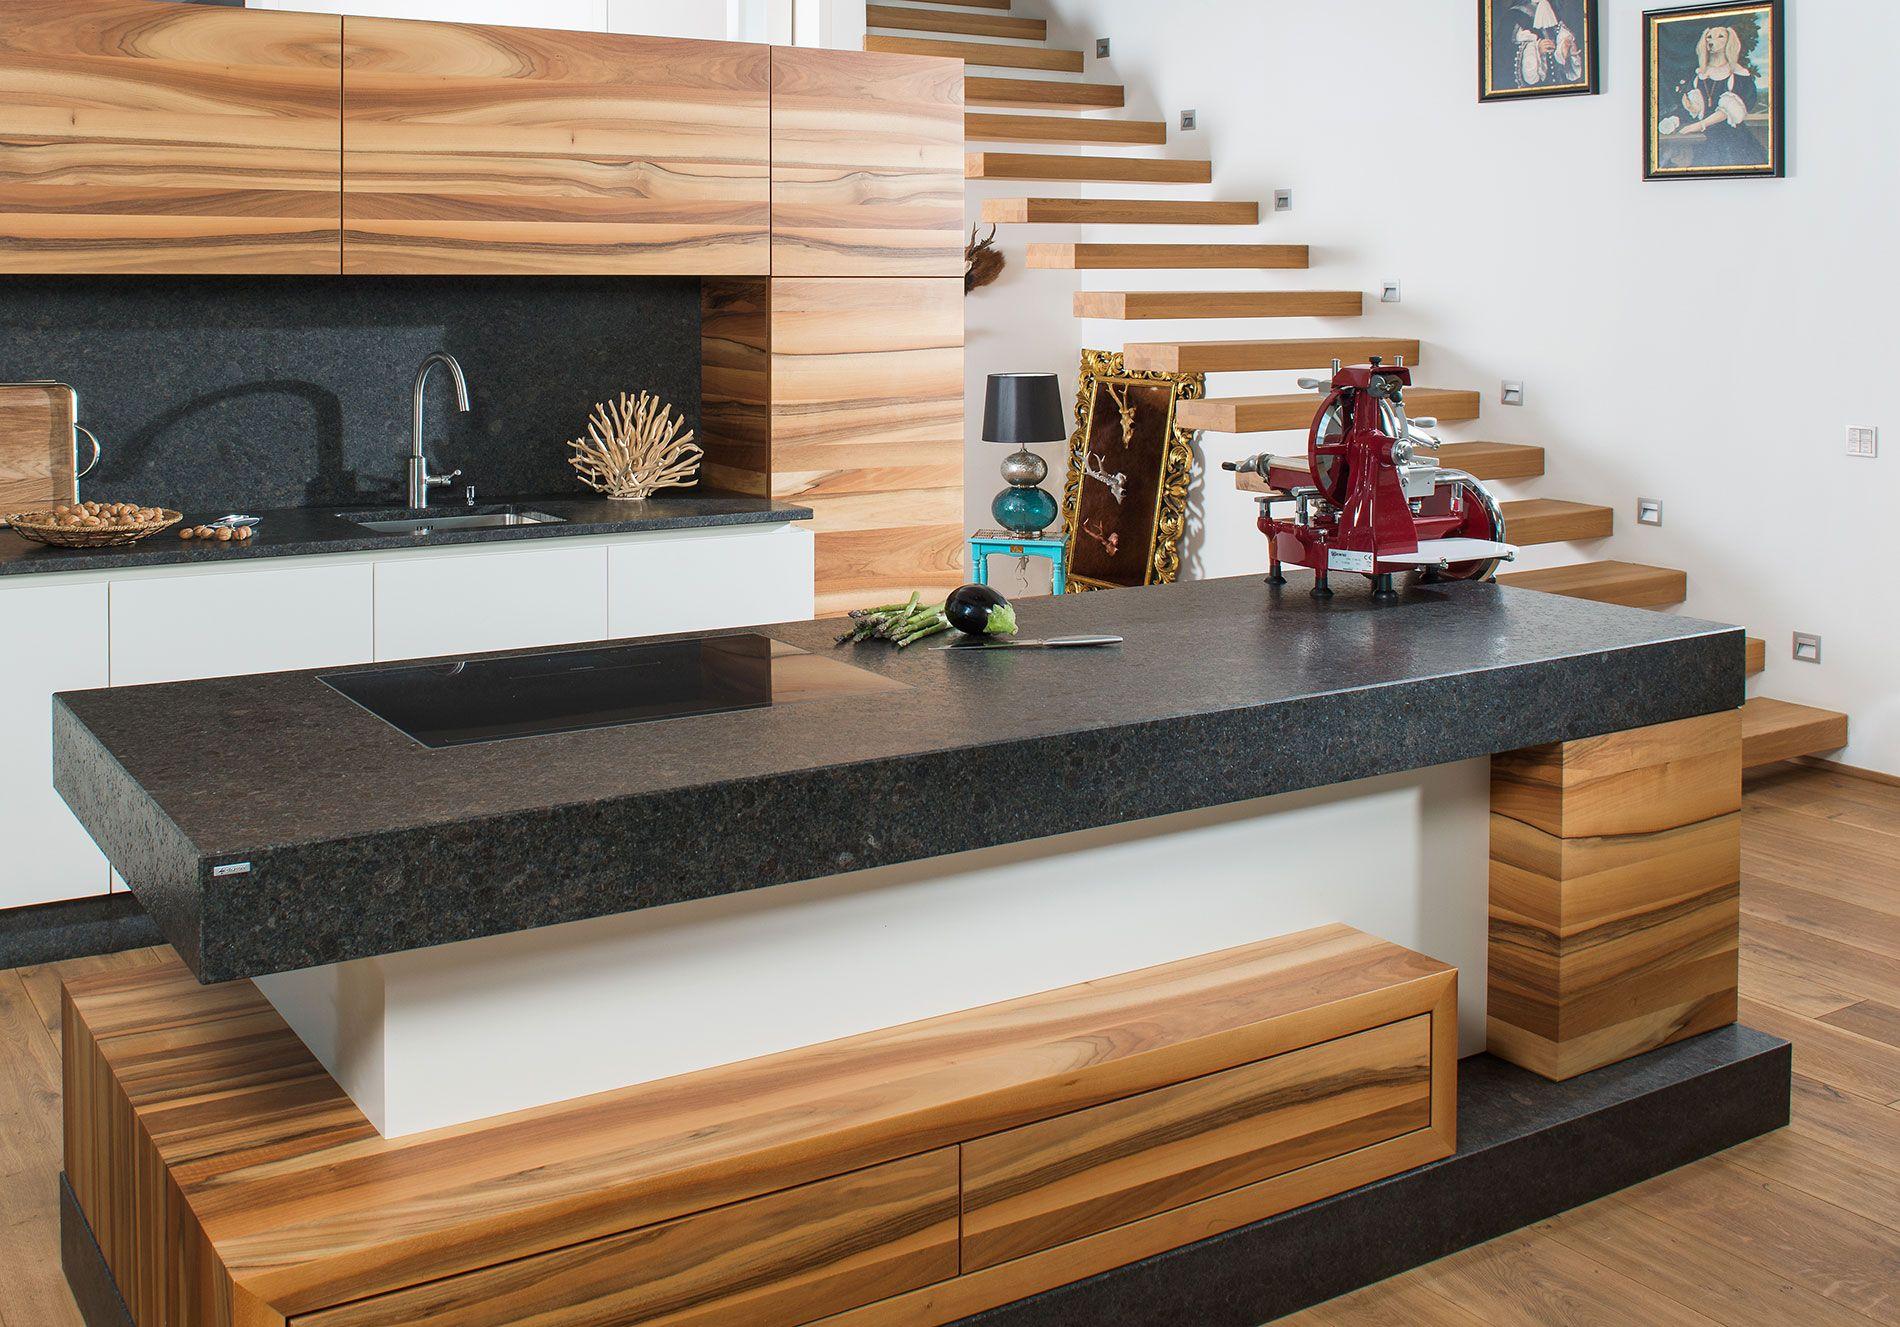 Ziemlich Küchentrends 2015 Bilder - Ideen Für Die Küche Dekoration ...